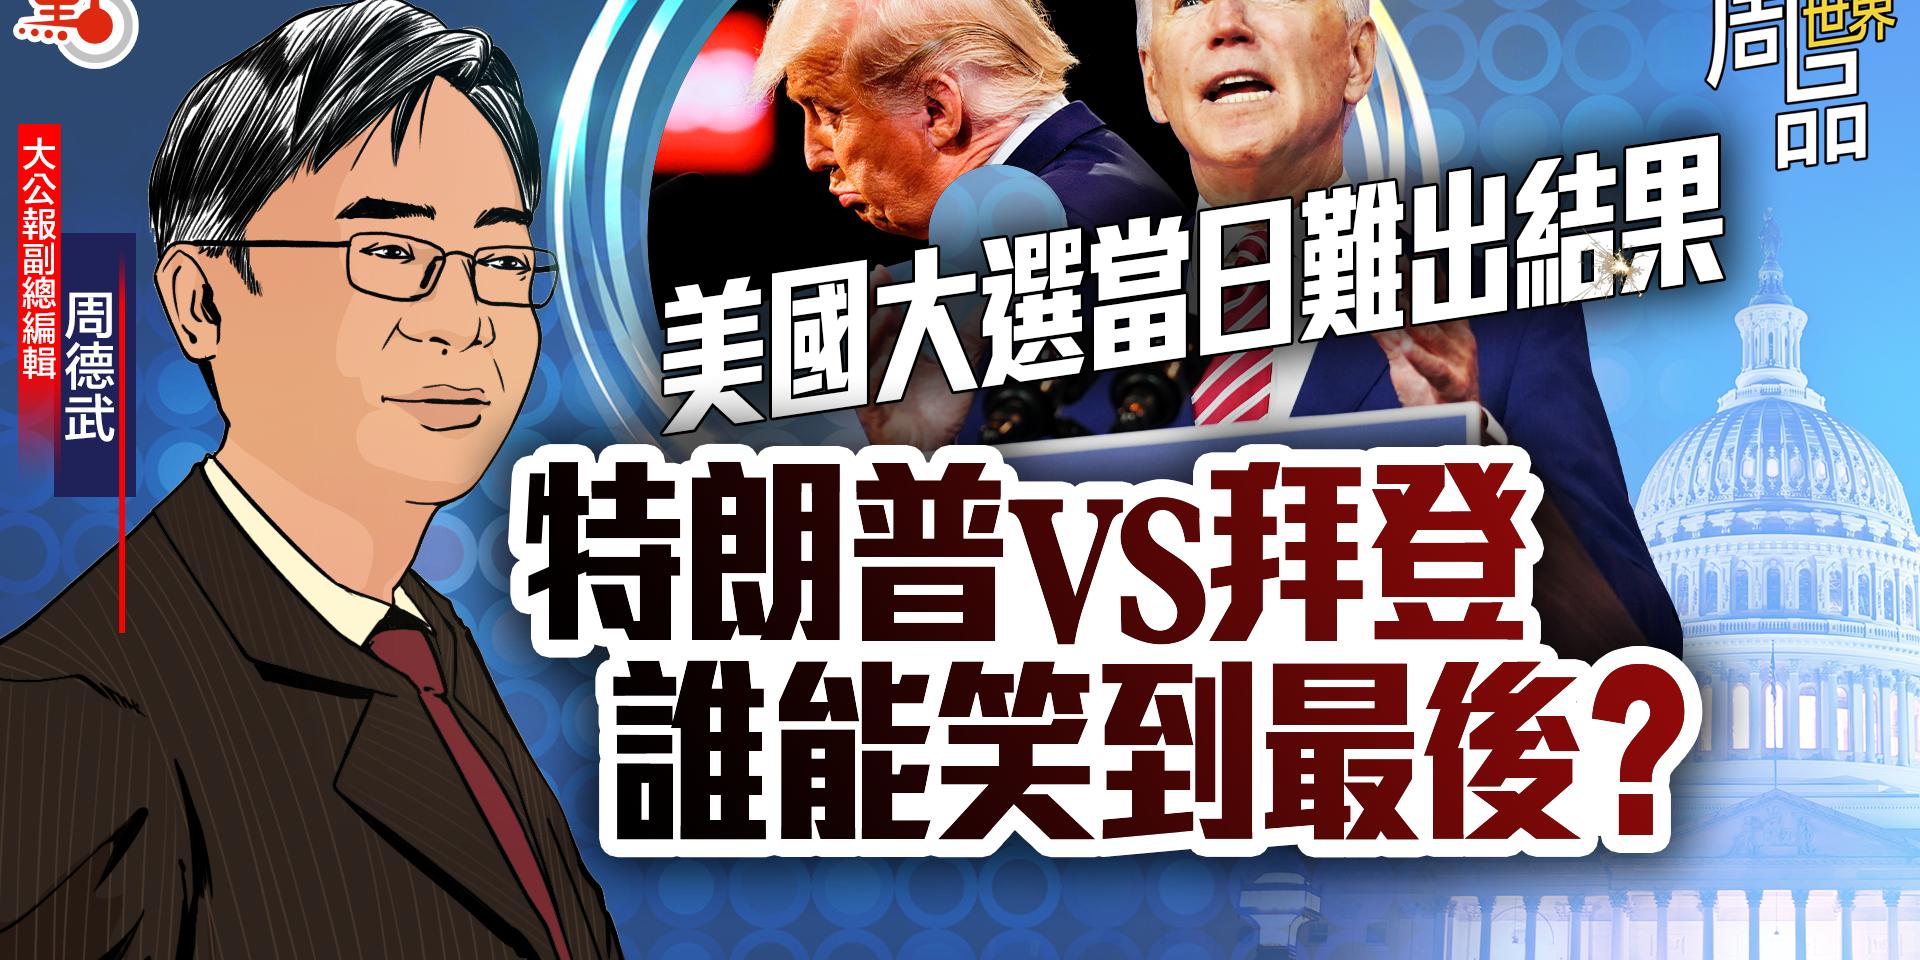 美國大選當日難出結果 特朗普vs拜登誰能笑到最後? | 周品世界EP12